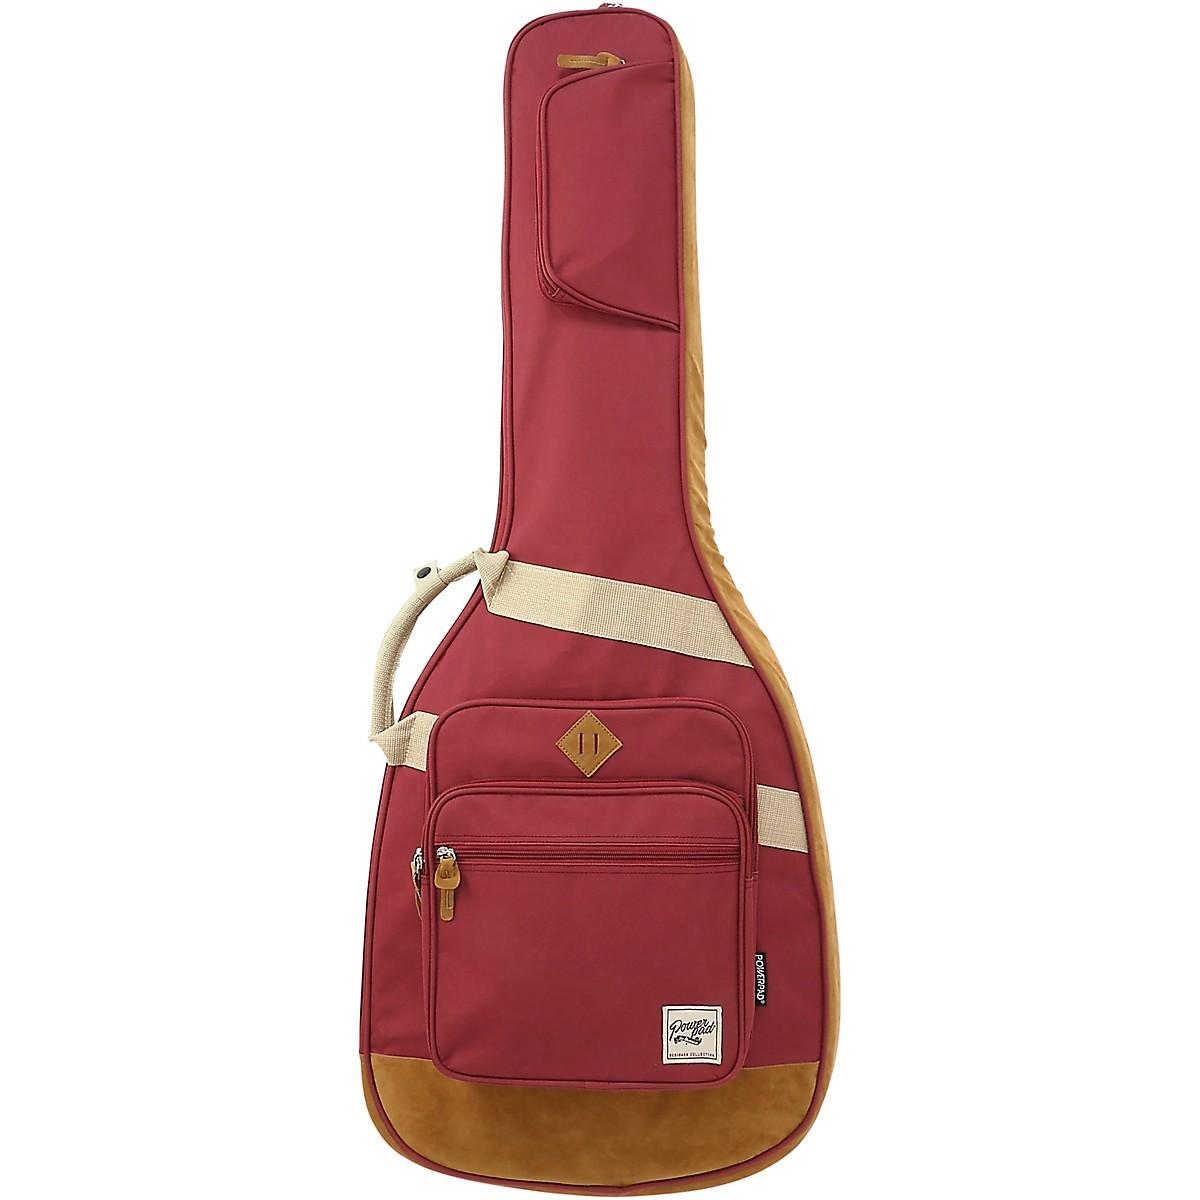 Ibanez POWERPAD Guitar Gig Bag